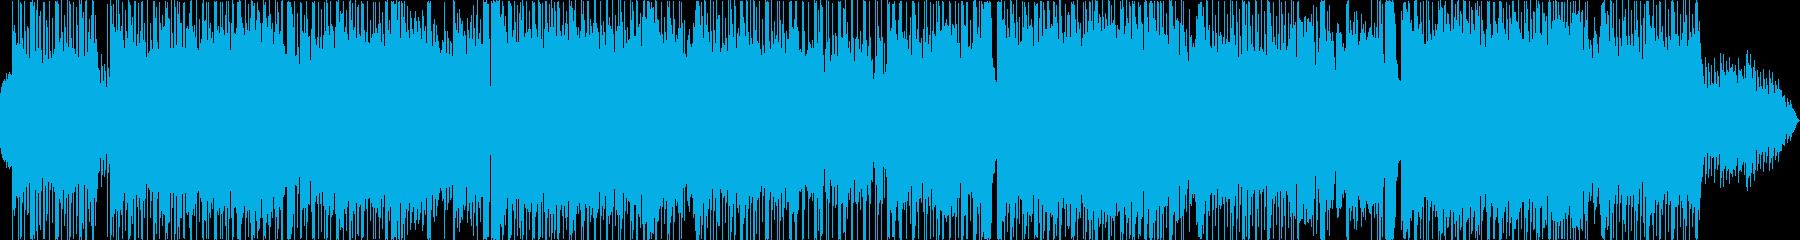 和風テイストなロックバラードの再生済みの波形